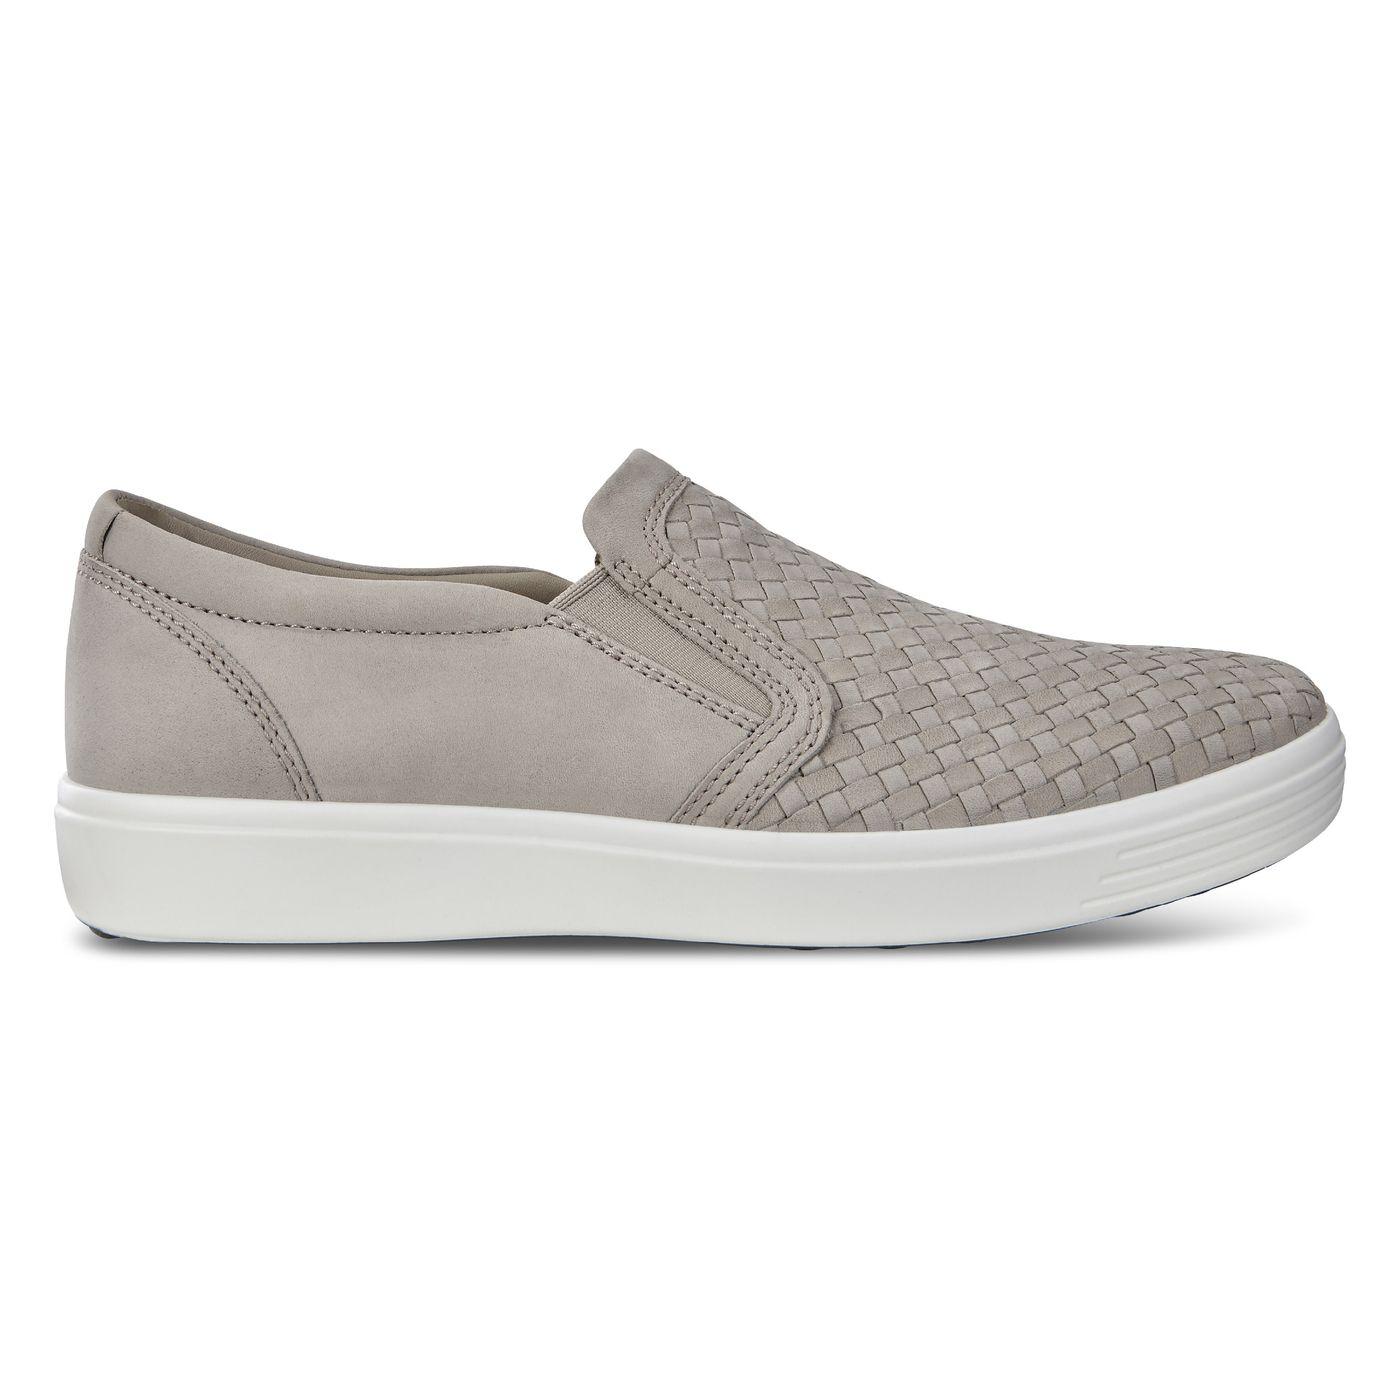 Ecco shoes women, Casual shoes, Ecco shoes